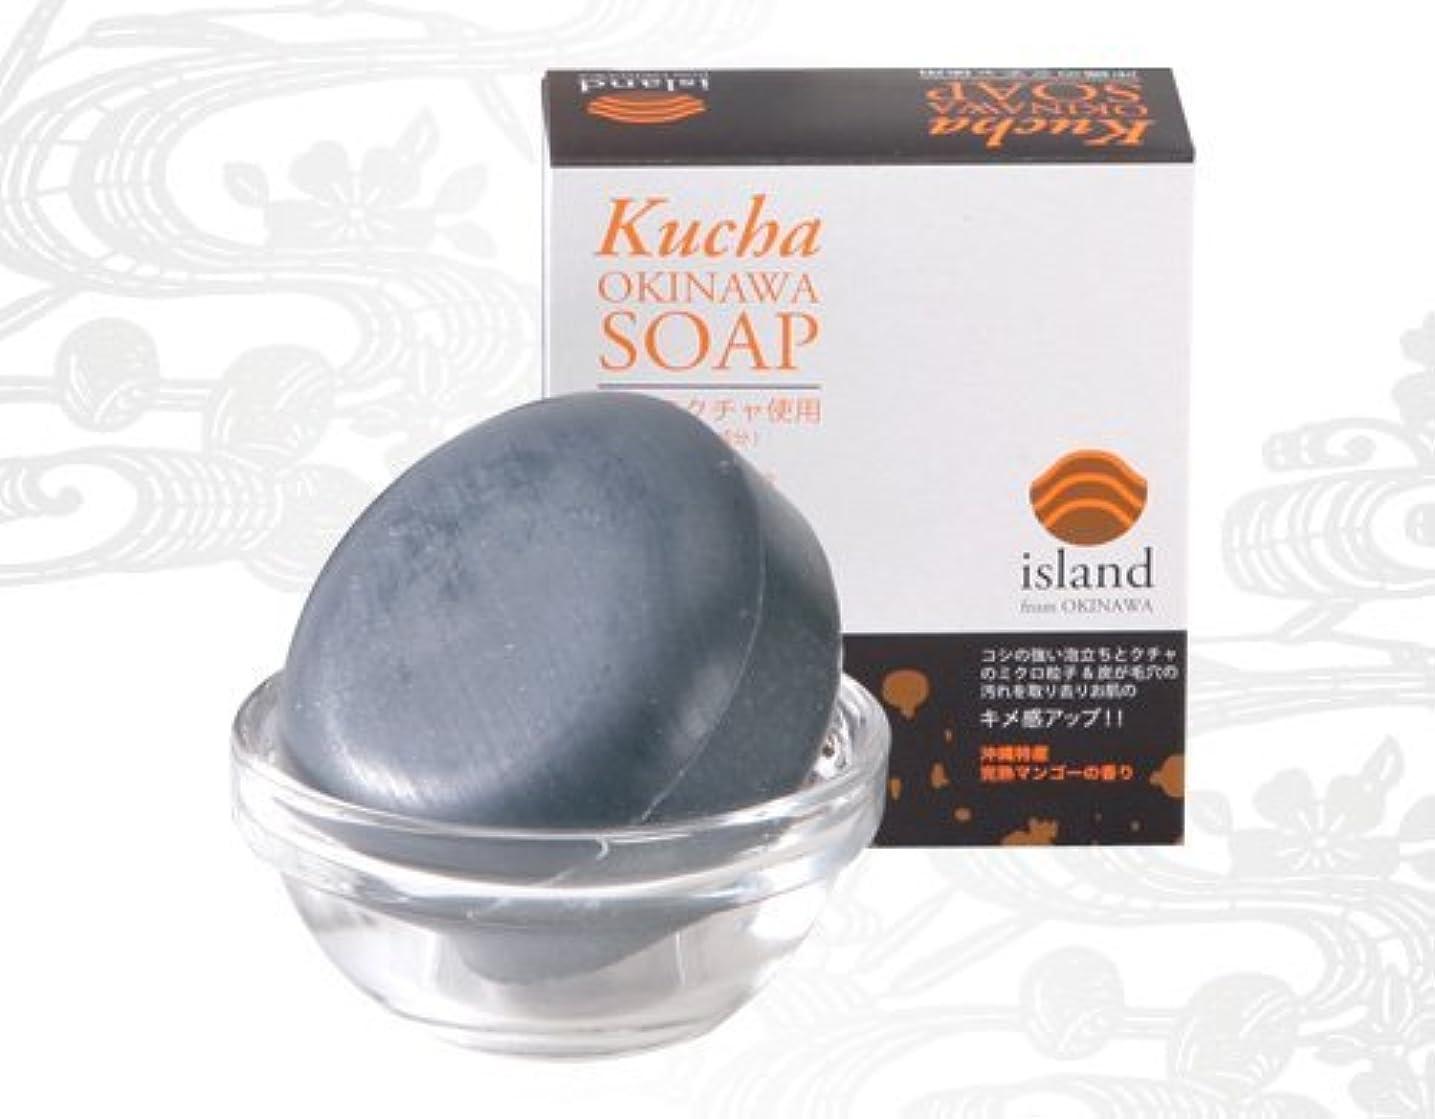 広くコア収入くちゃ OKINAWA SOAP 90g×3個 アイランド 沖縄特産「くちゃ」配合の無添加石けん ミクロの泥で毛穴スッキリ、つるつる素肌!